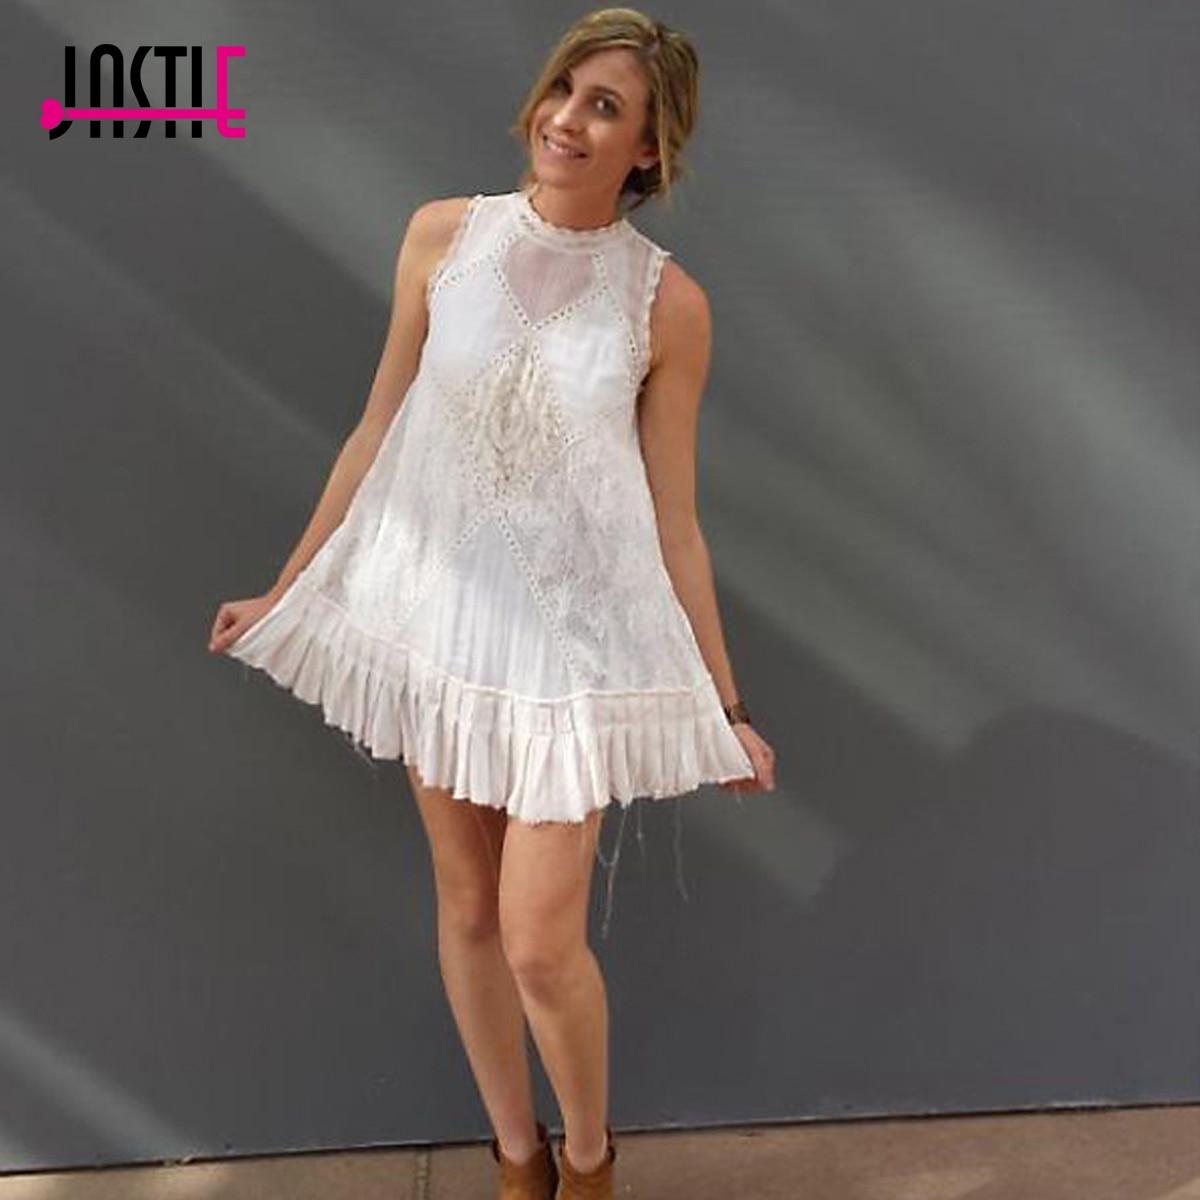 Erfreut 16 Kleider Für Partei Bilder - Brautkleider Ideen - cashingy ...